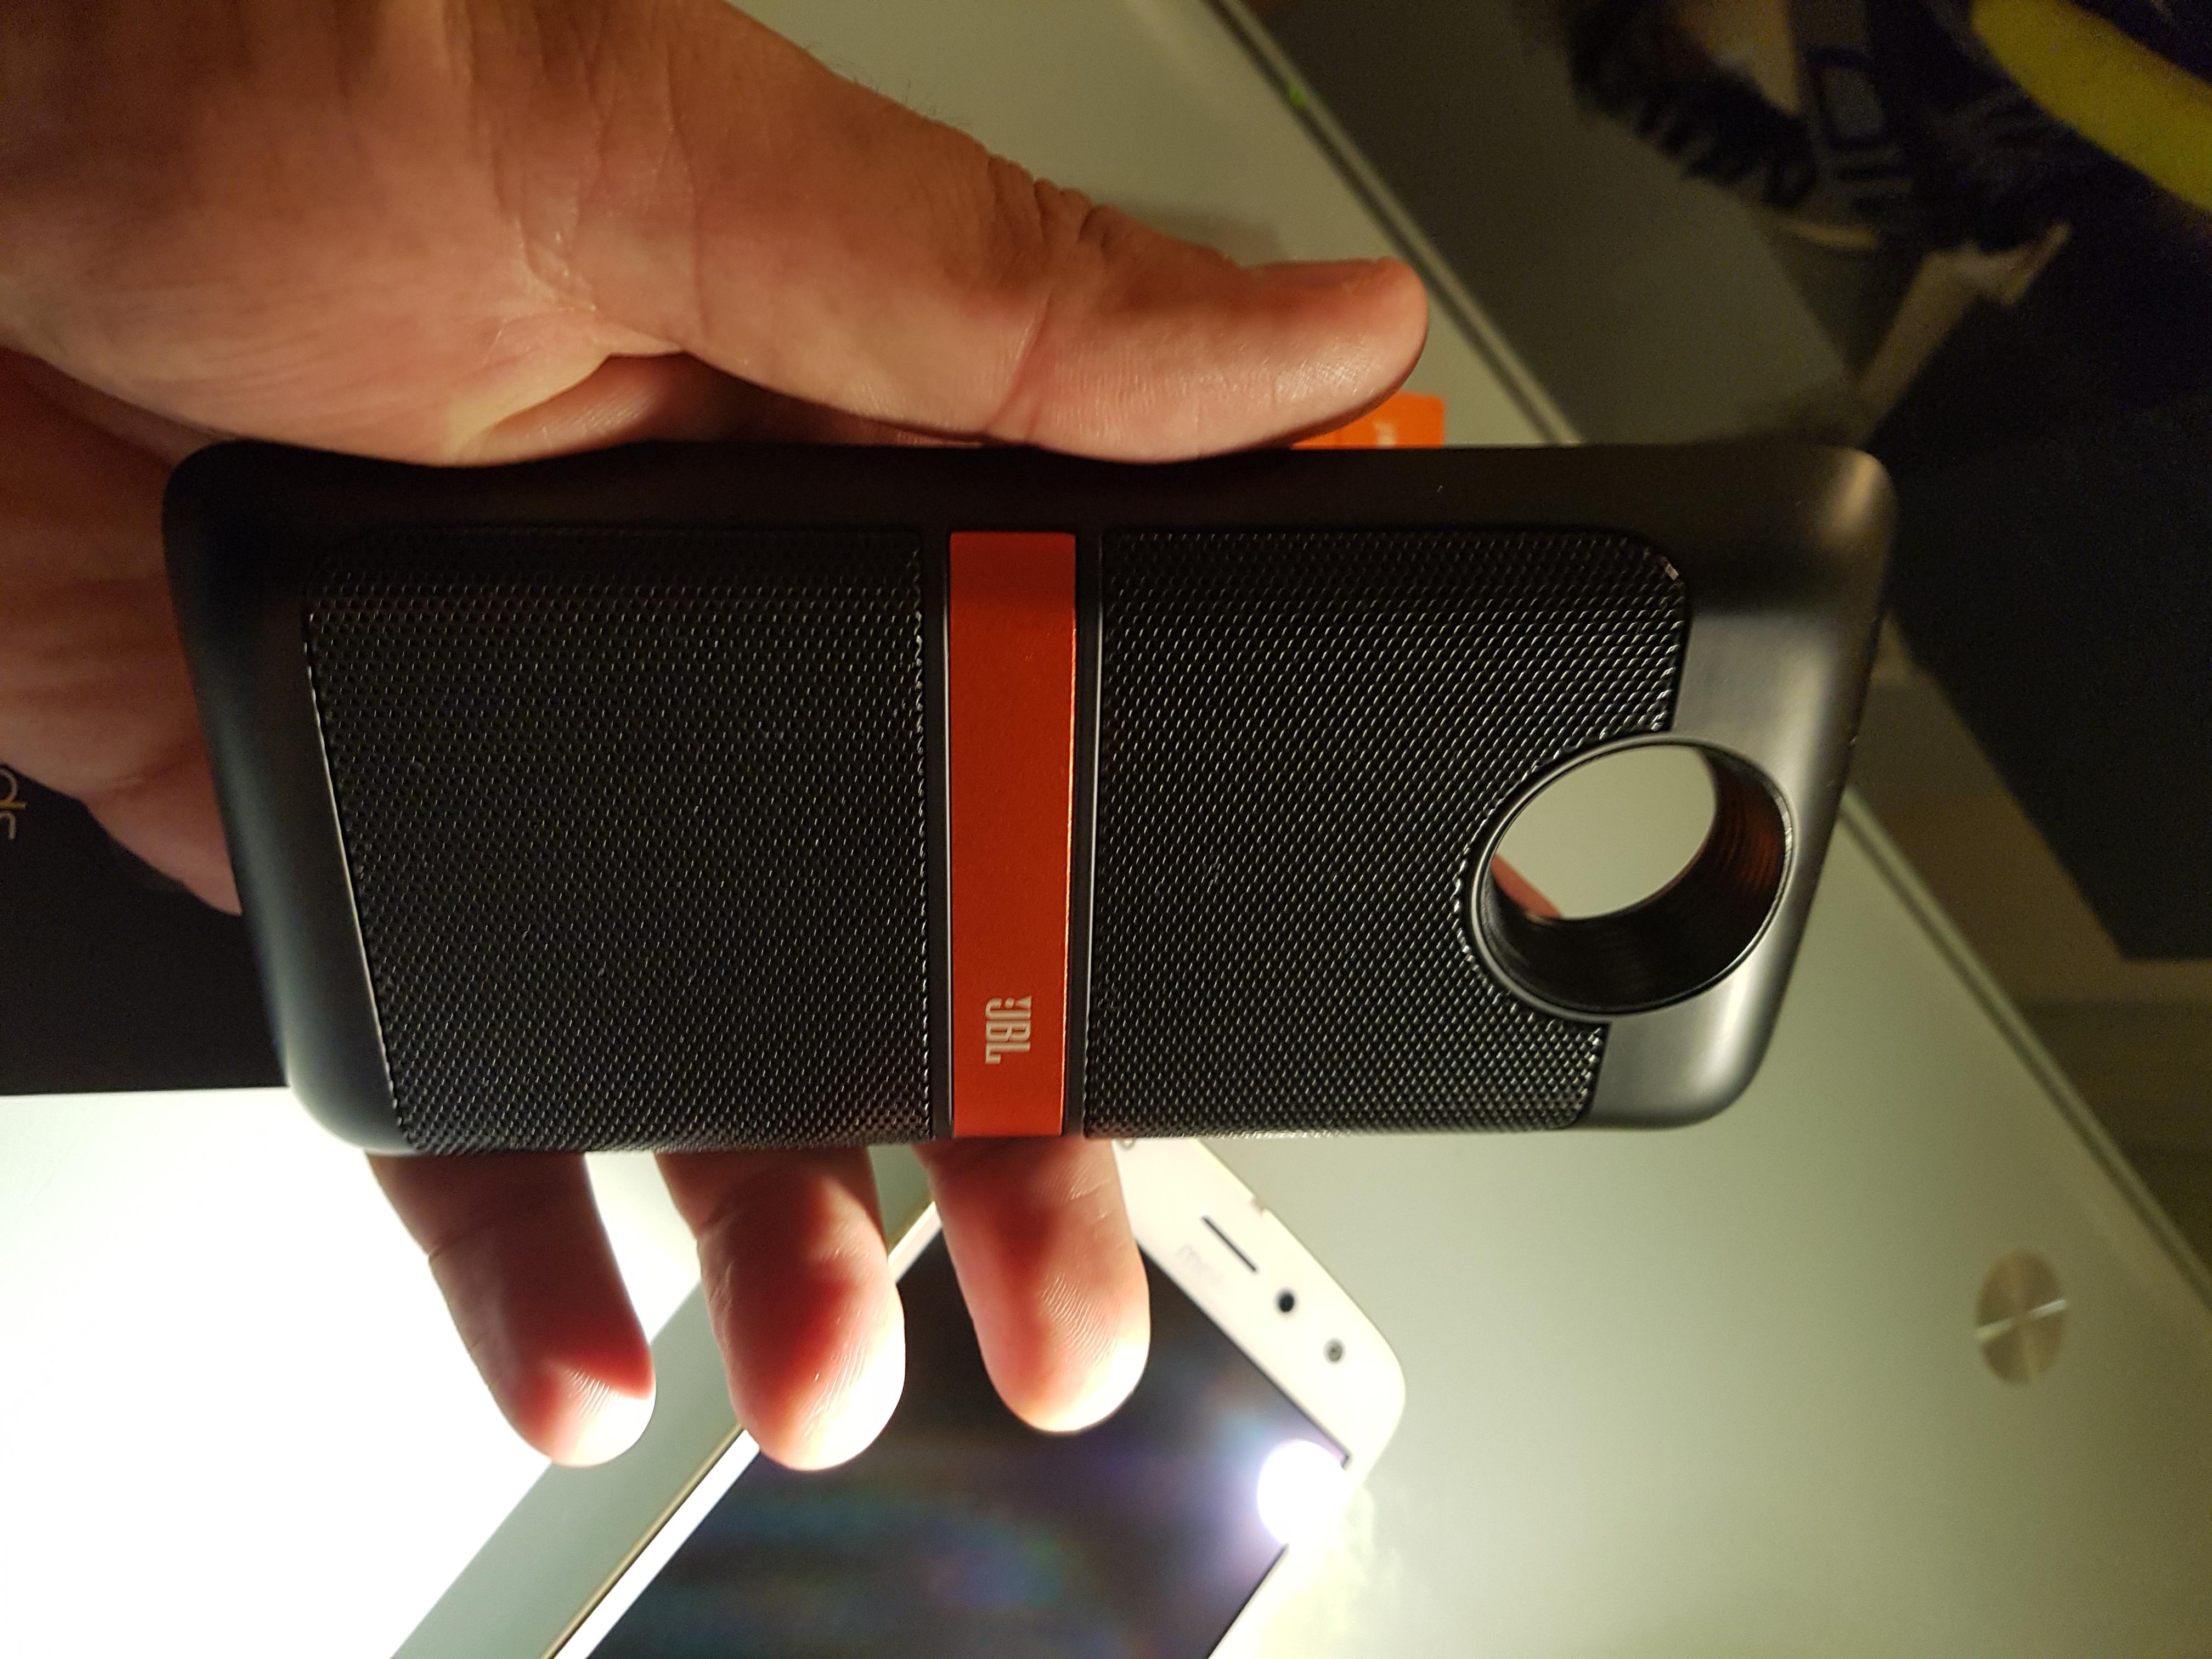 Le mod JBL est le seul haut-parleur valable pour ce téléphone